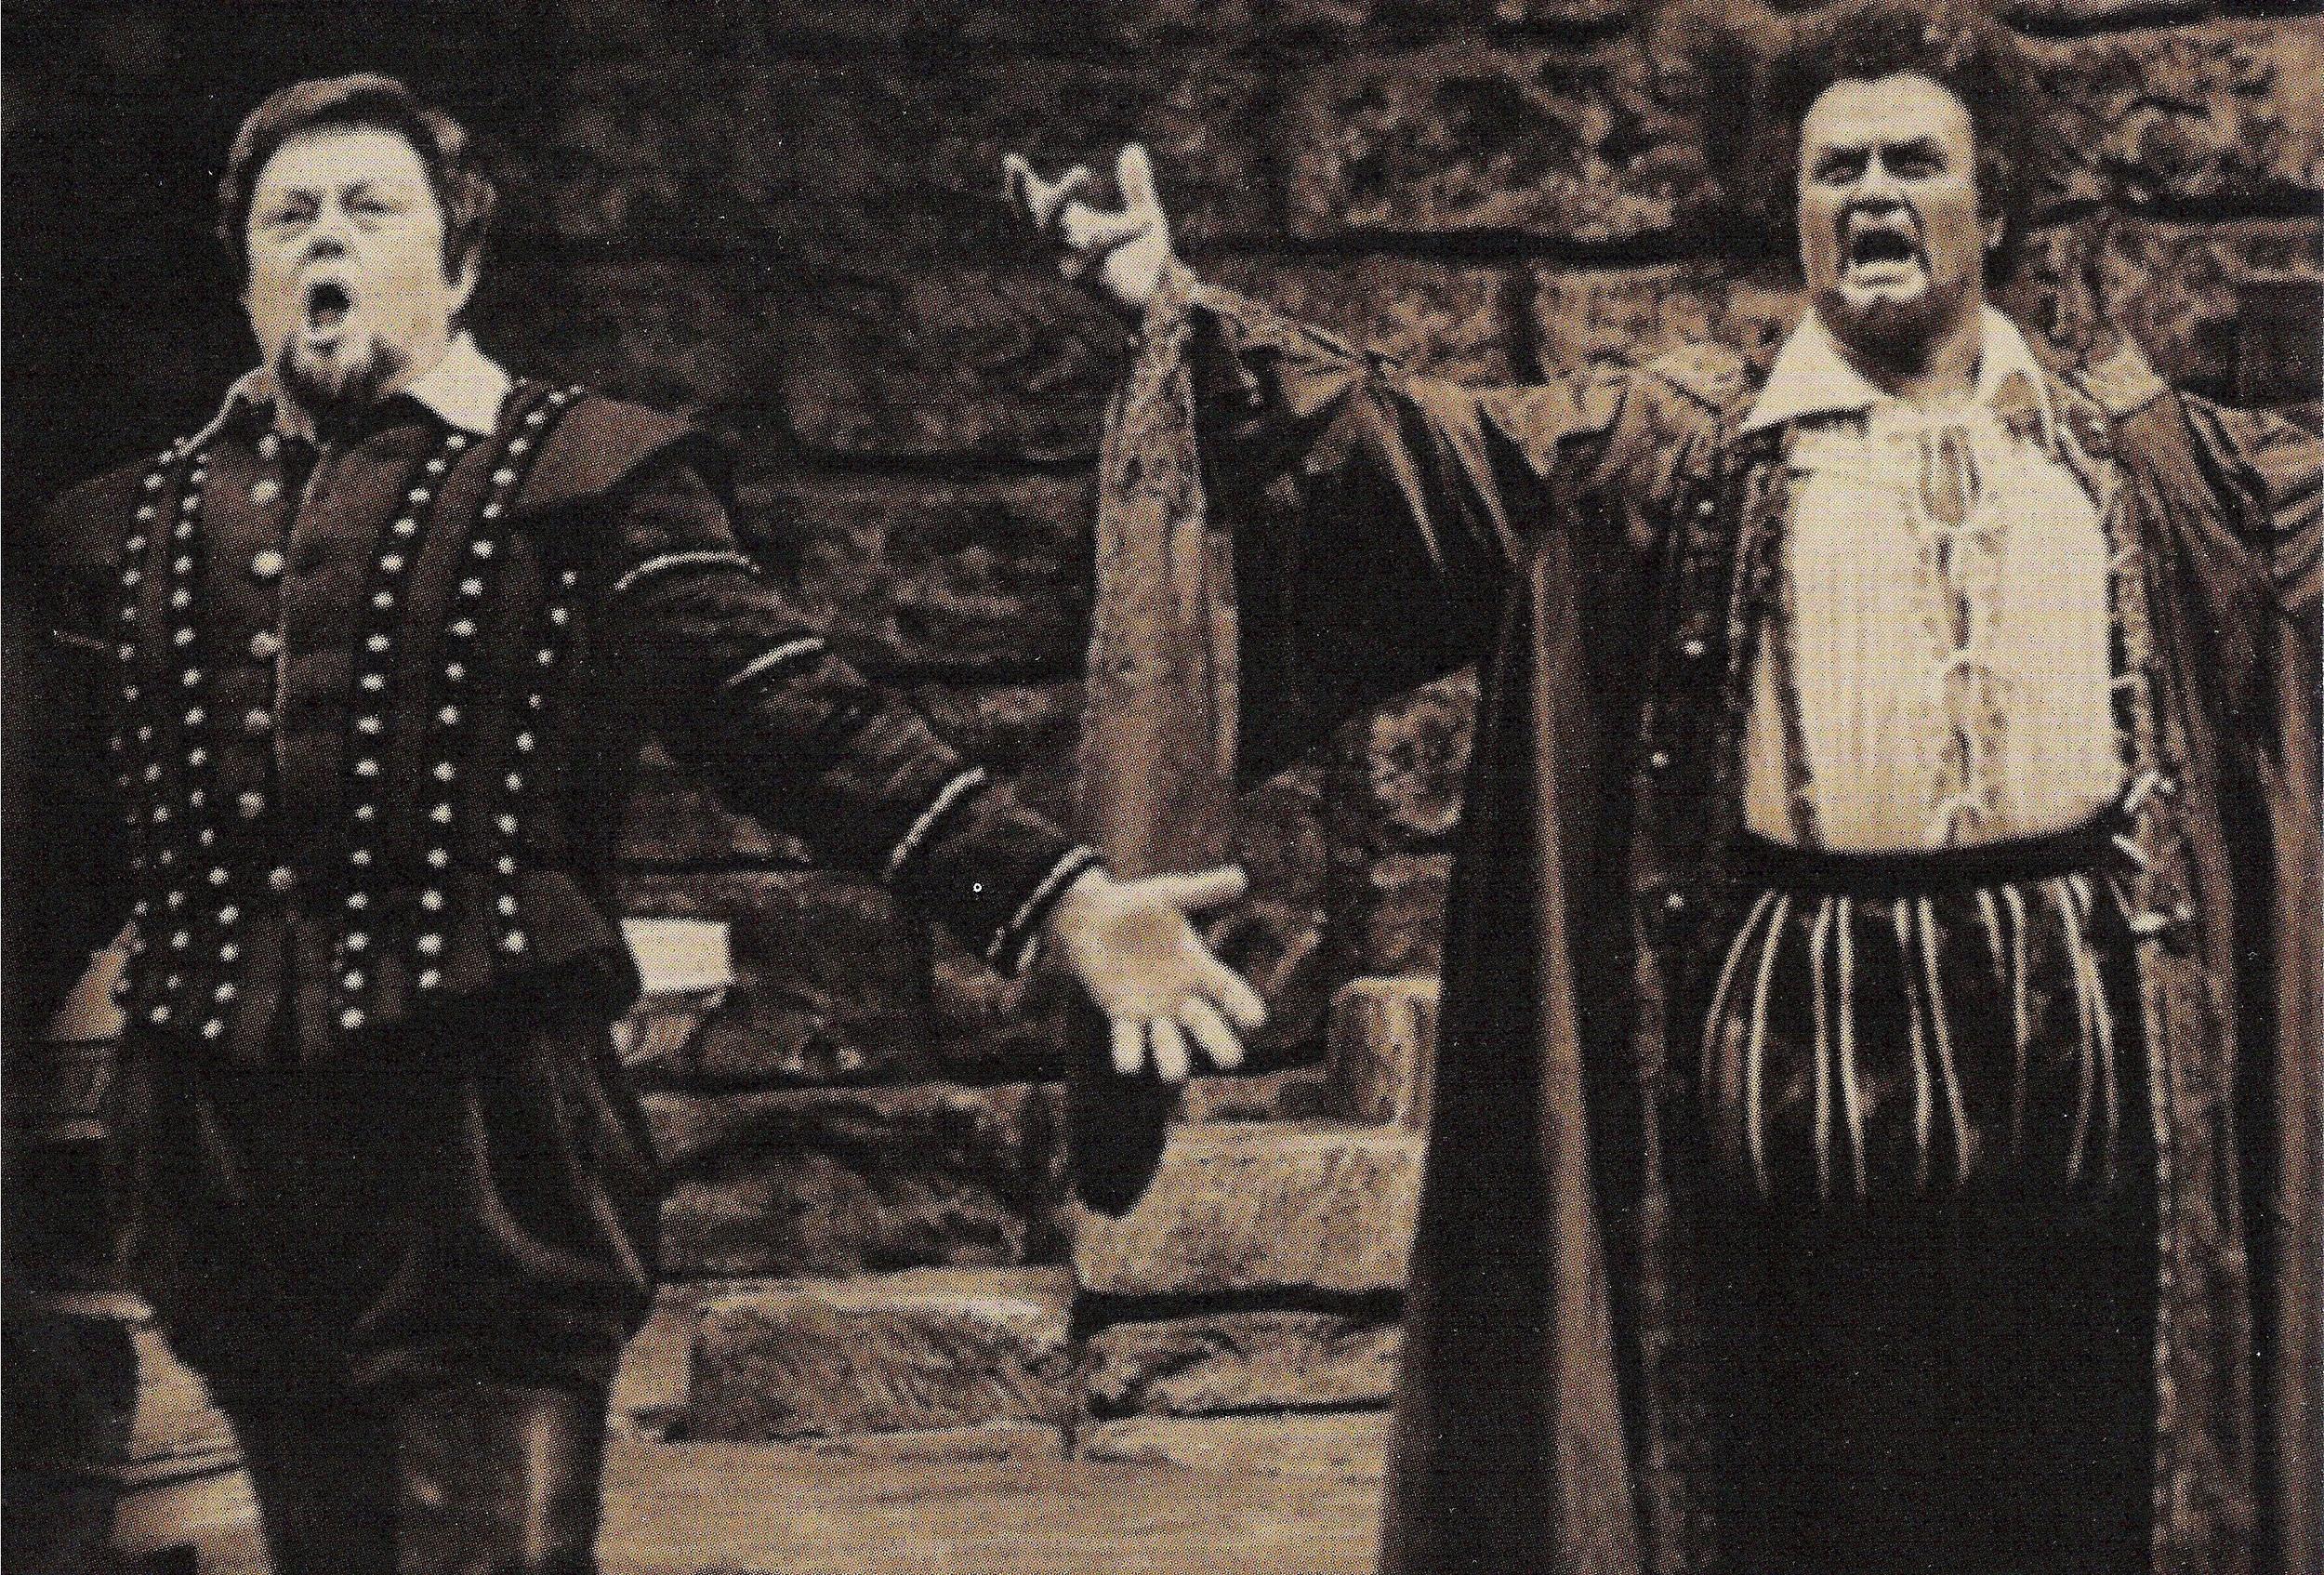 Cornell MacNeil as Iago and Jon Vickers as Otello, Metropolitan Opera telecast